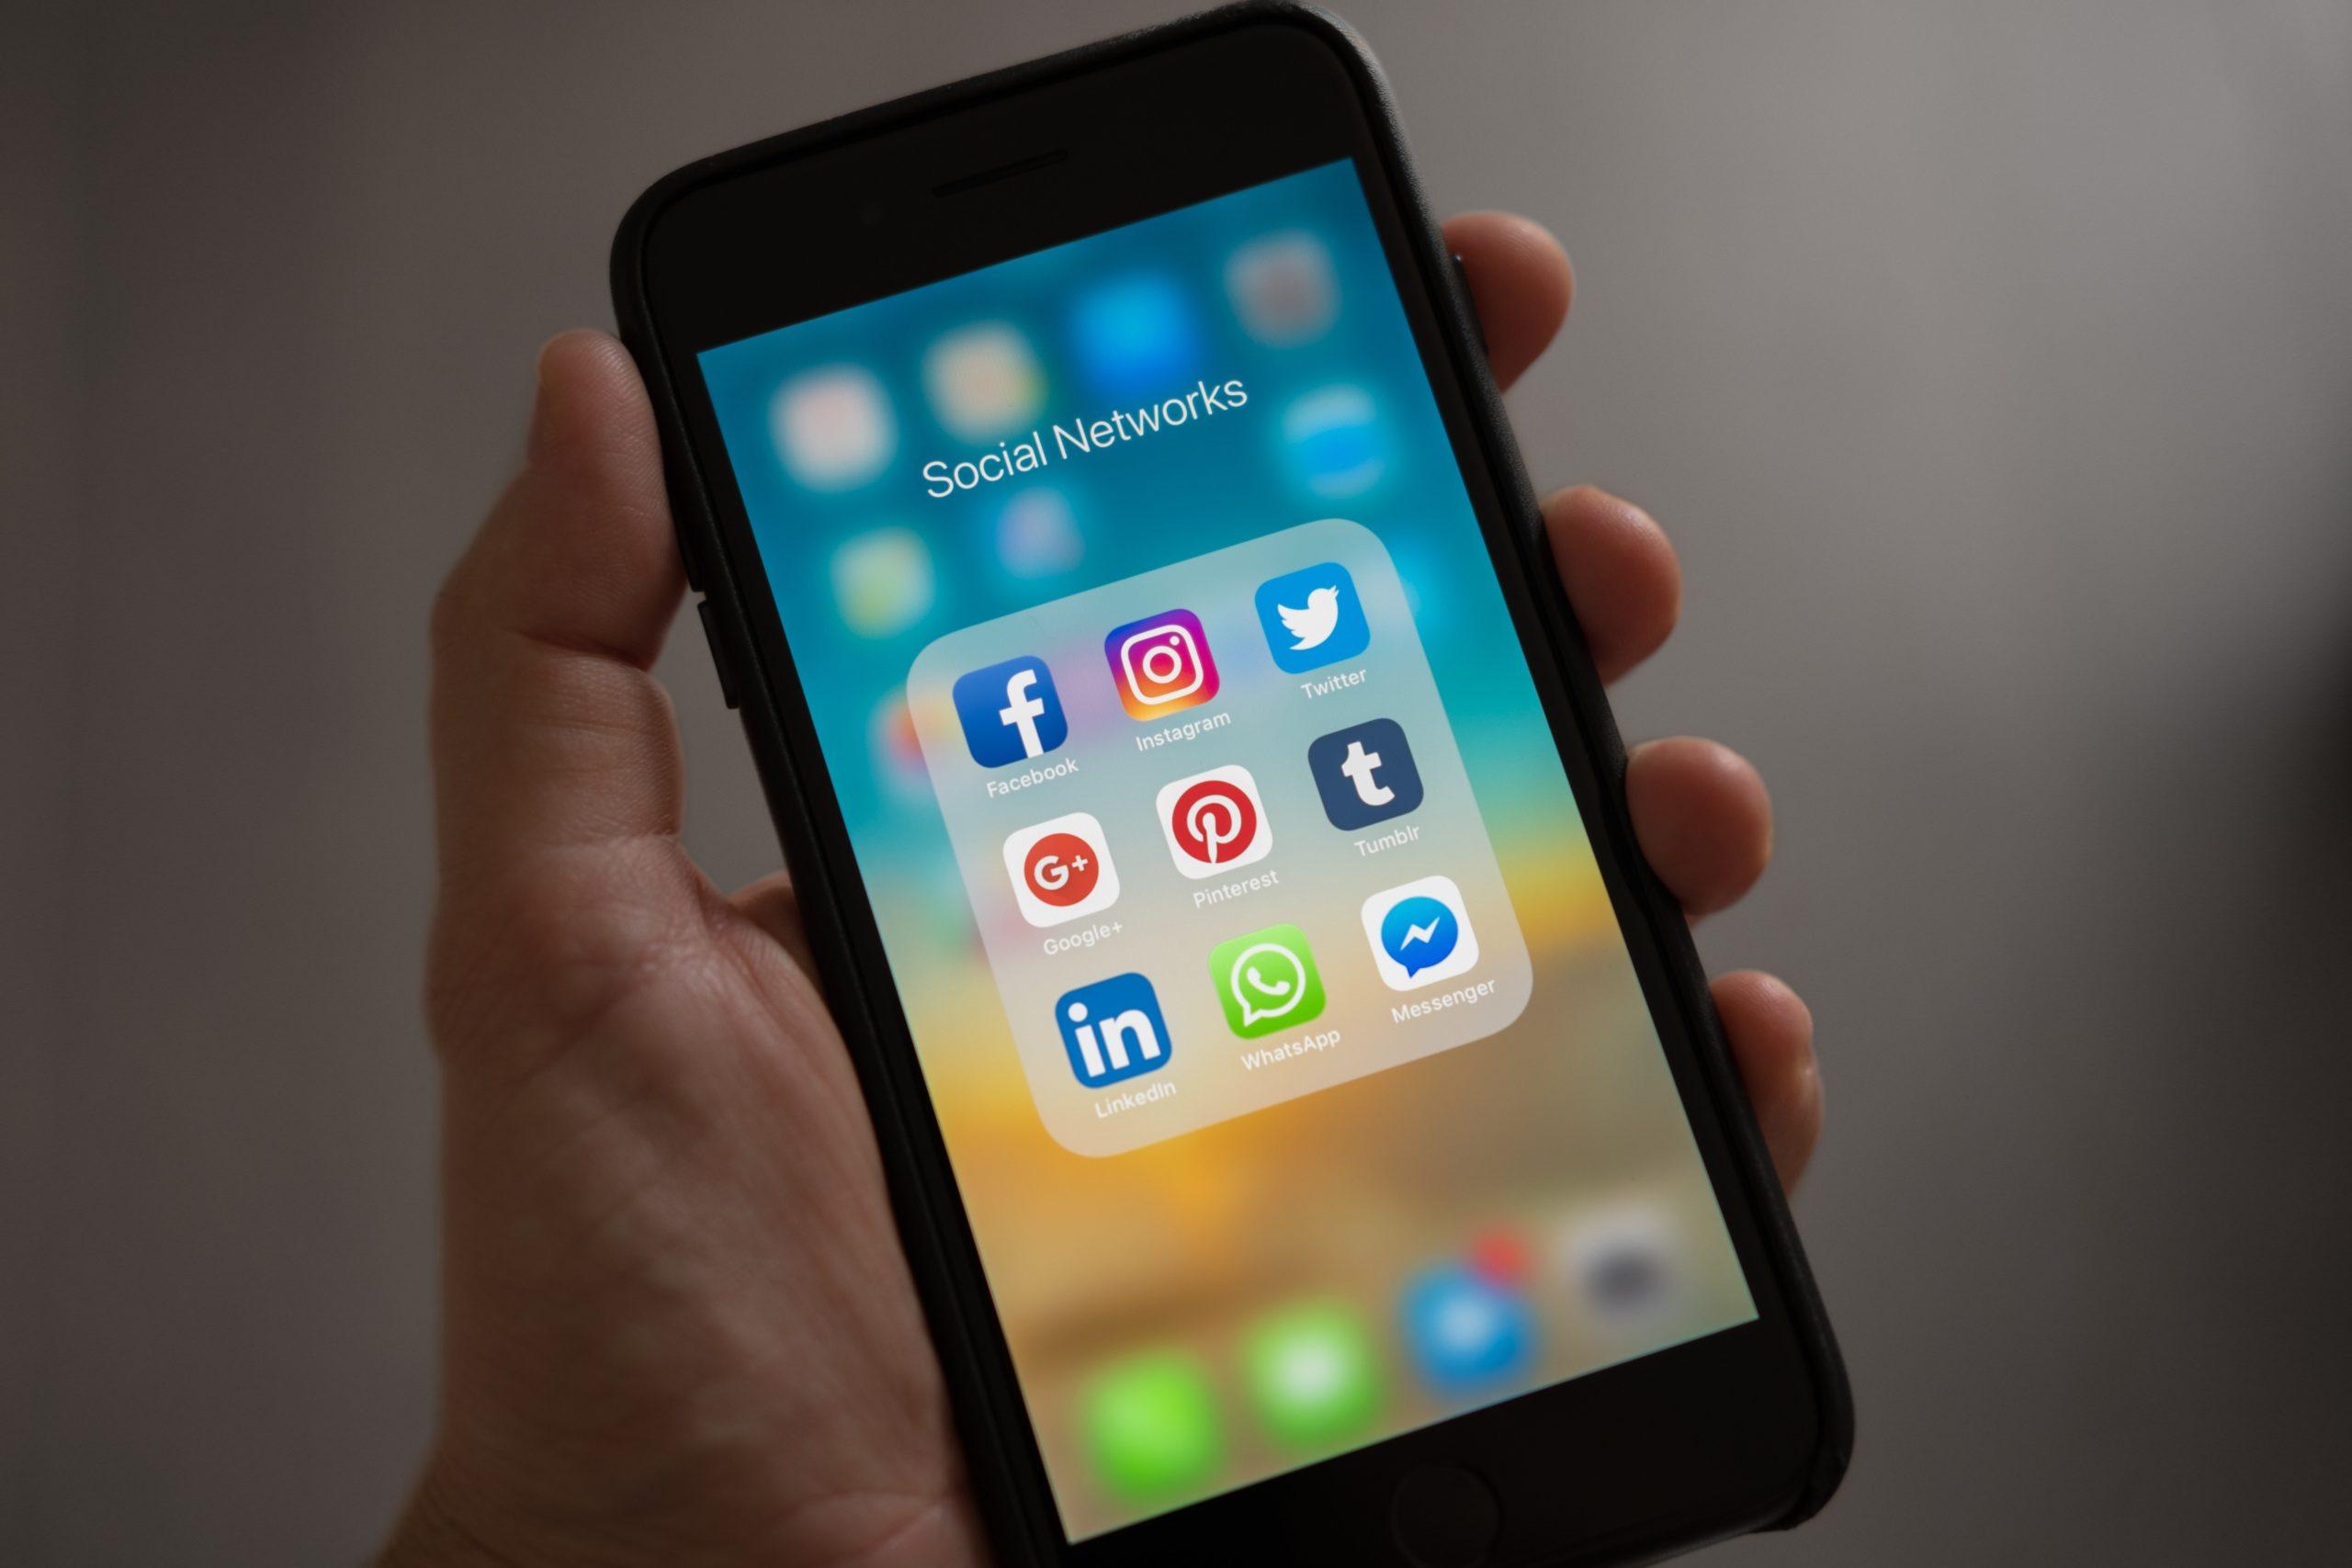 Pourquoi devriez-vous utiliser Pinterest et LinkedIn dans votre business en 2020?